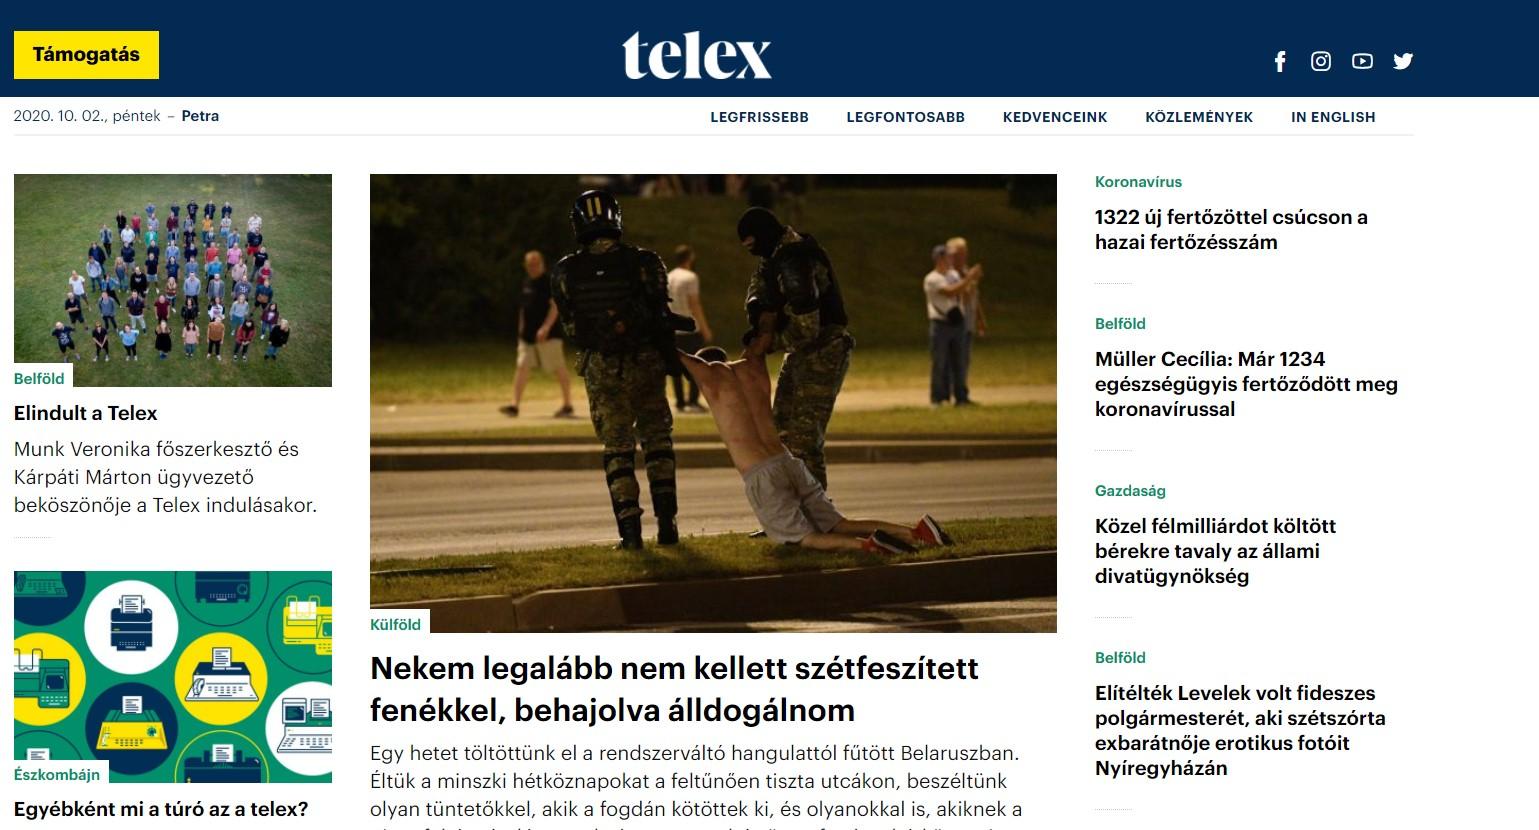 Elindult a Telex